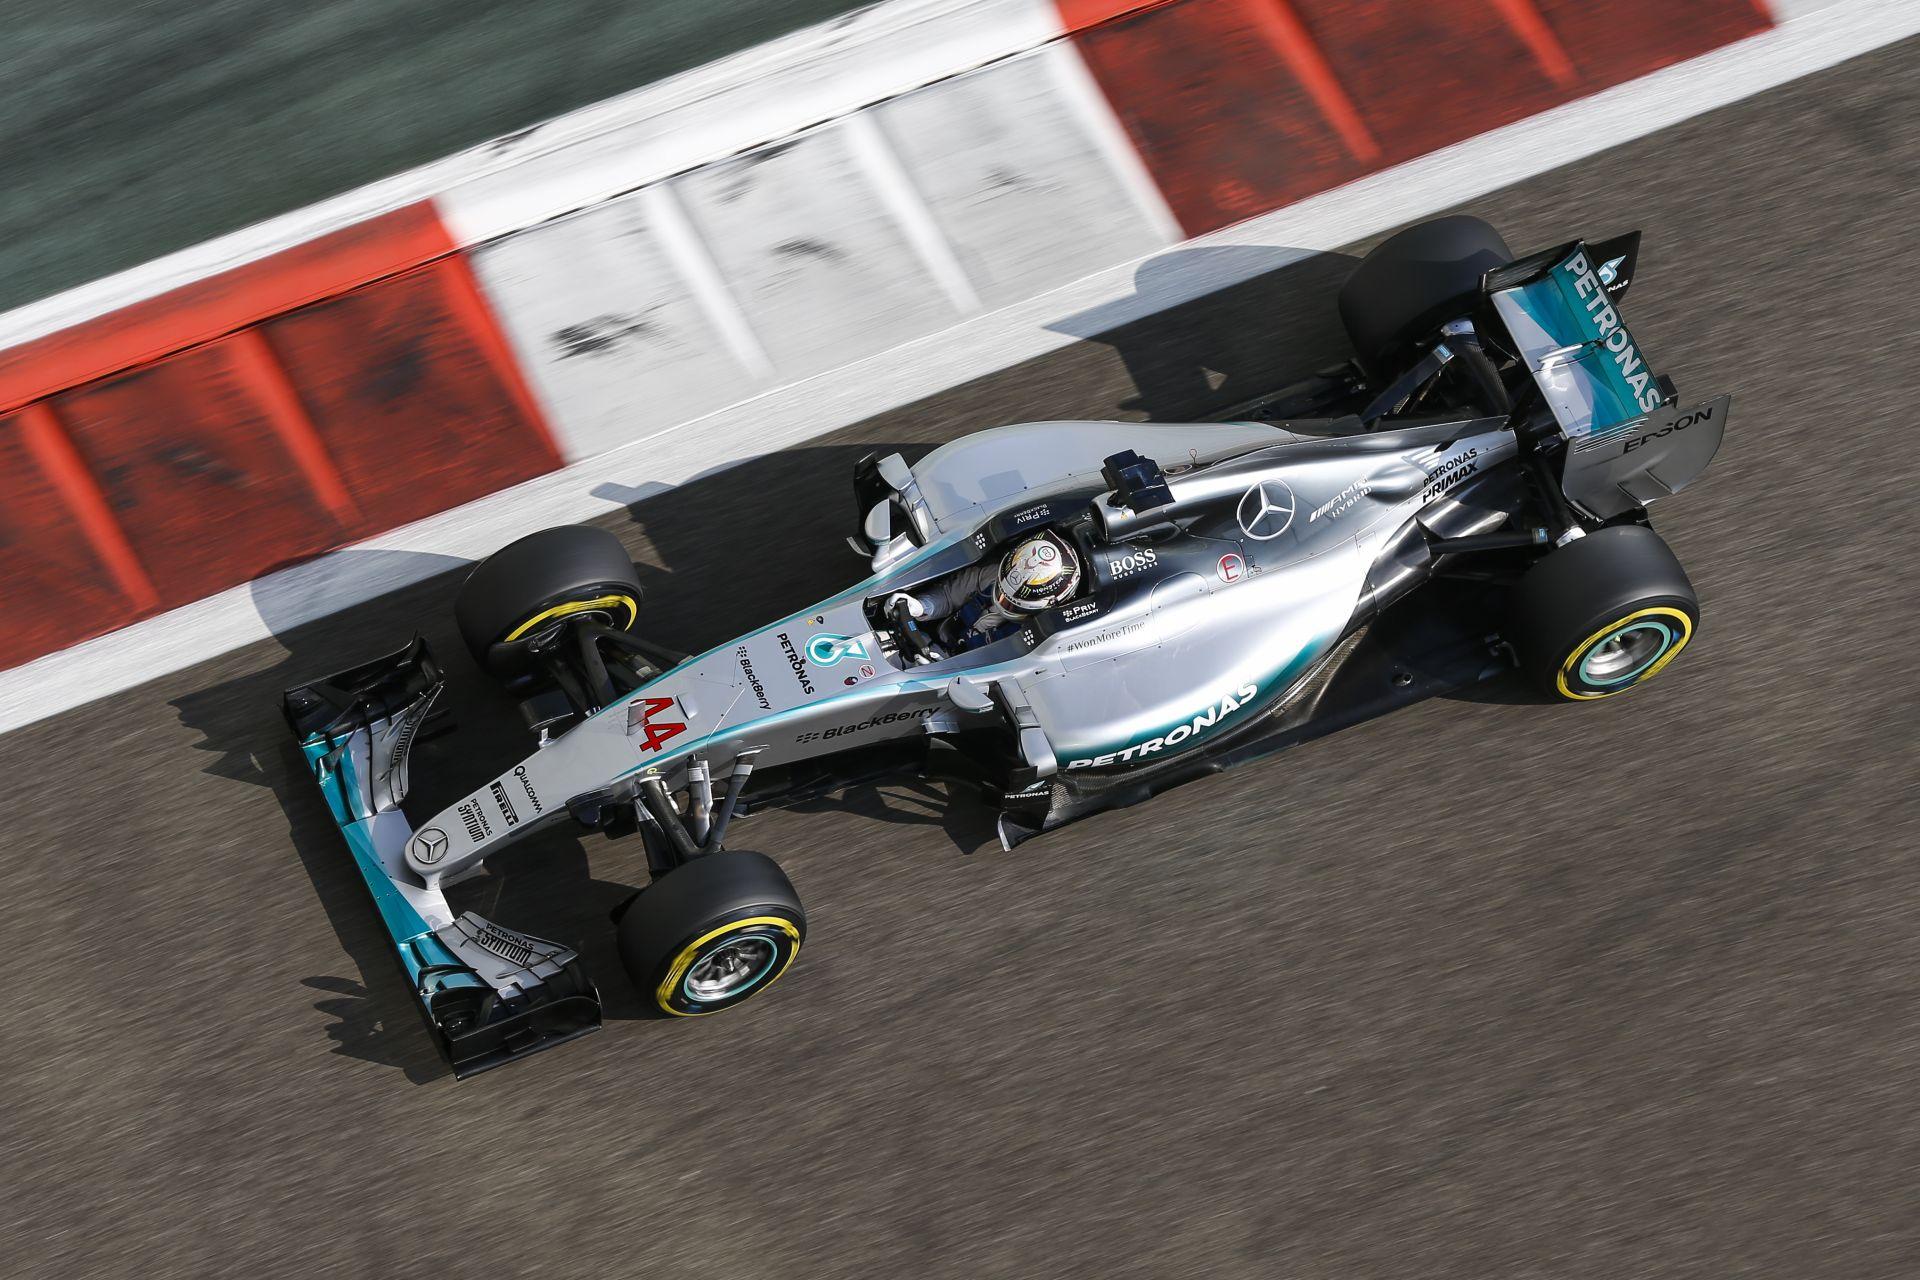 A Mercedes és a Pirelli miatt ismét változnak a 2017-es szabályok: széles Forma-1-es autók keskeny karosszériában